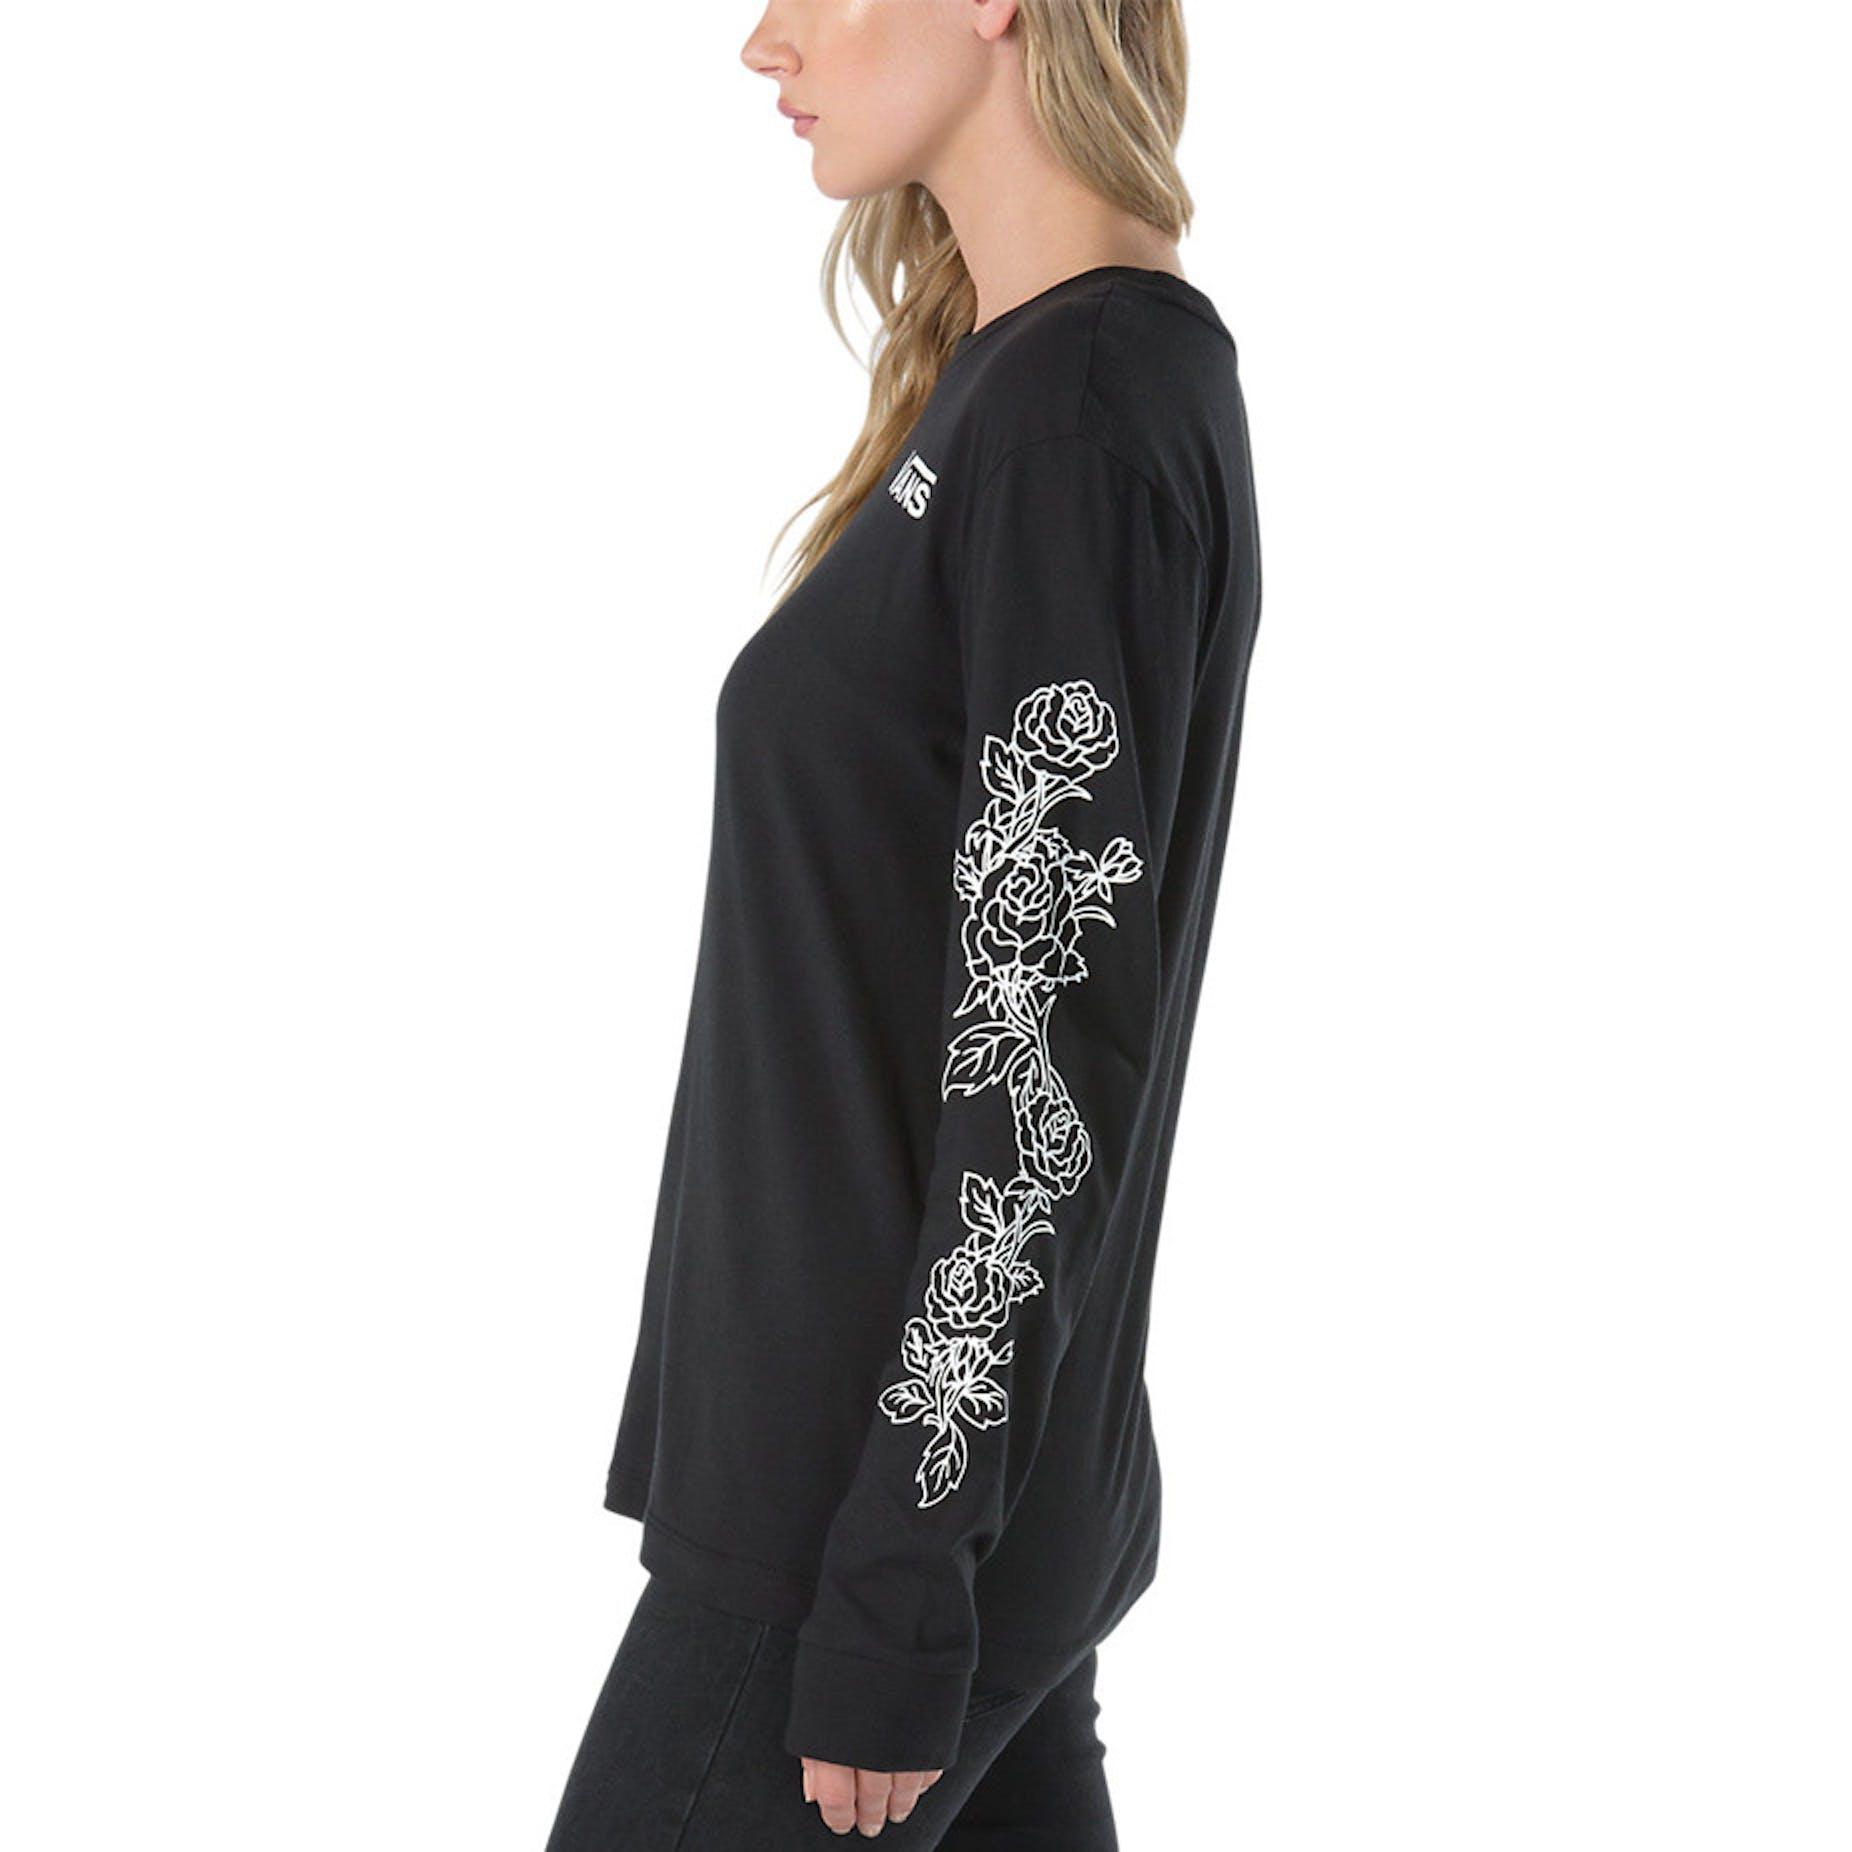 15a55e6461 Vans Women's Rose Thorns Long Sleeve T-Shirt - Black